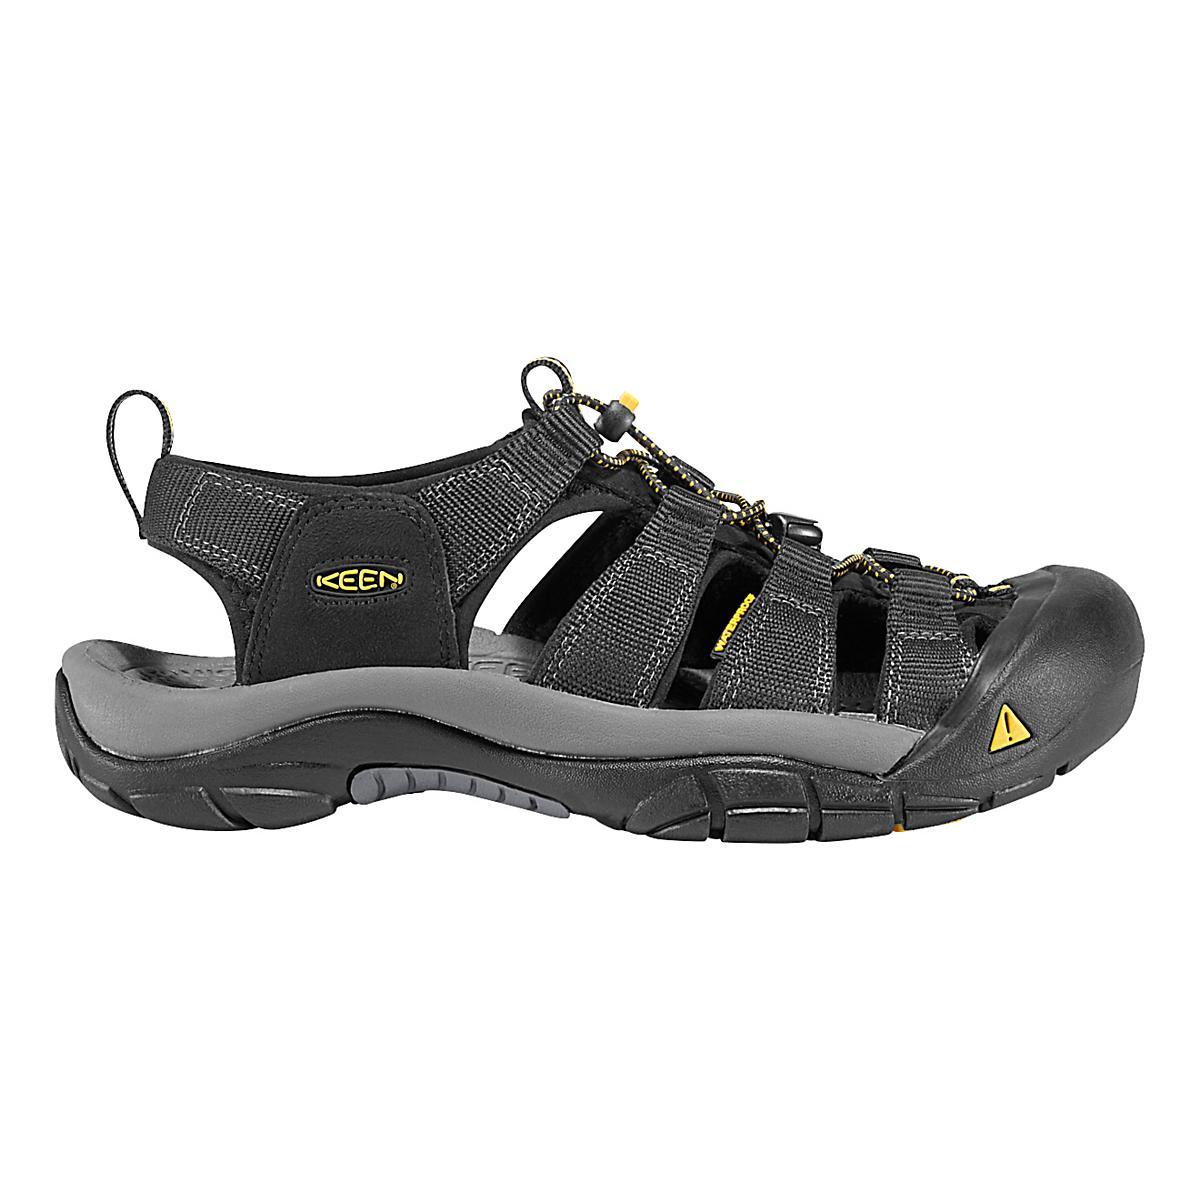 a5de5bc0381 Mens Keen Newport H2 Sandals Shoe at Road Runner Sports